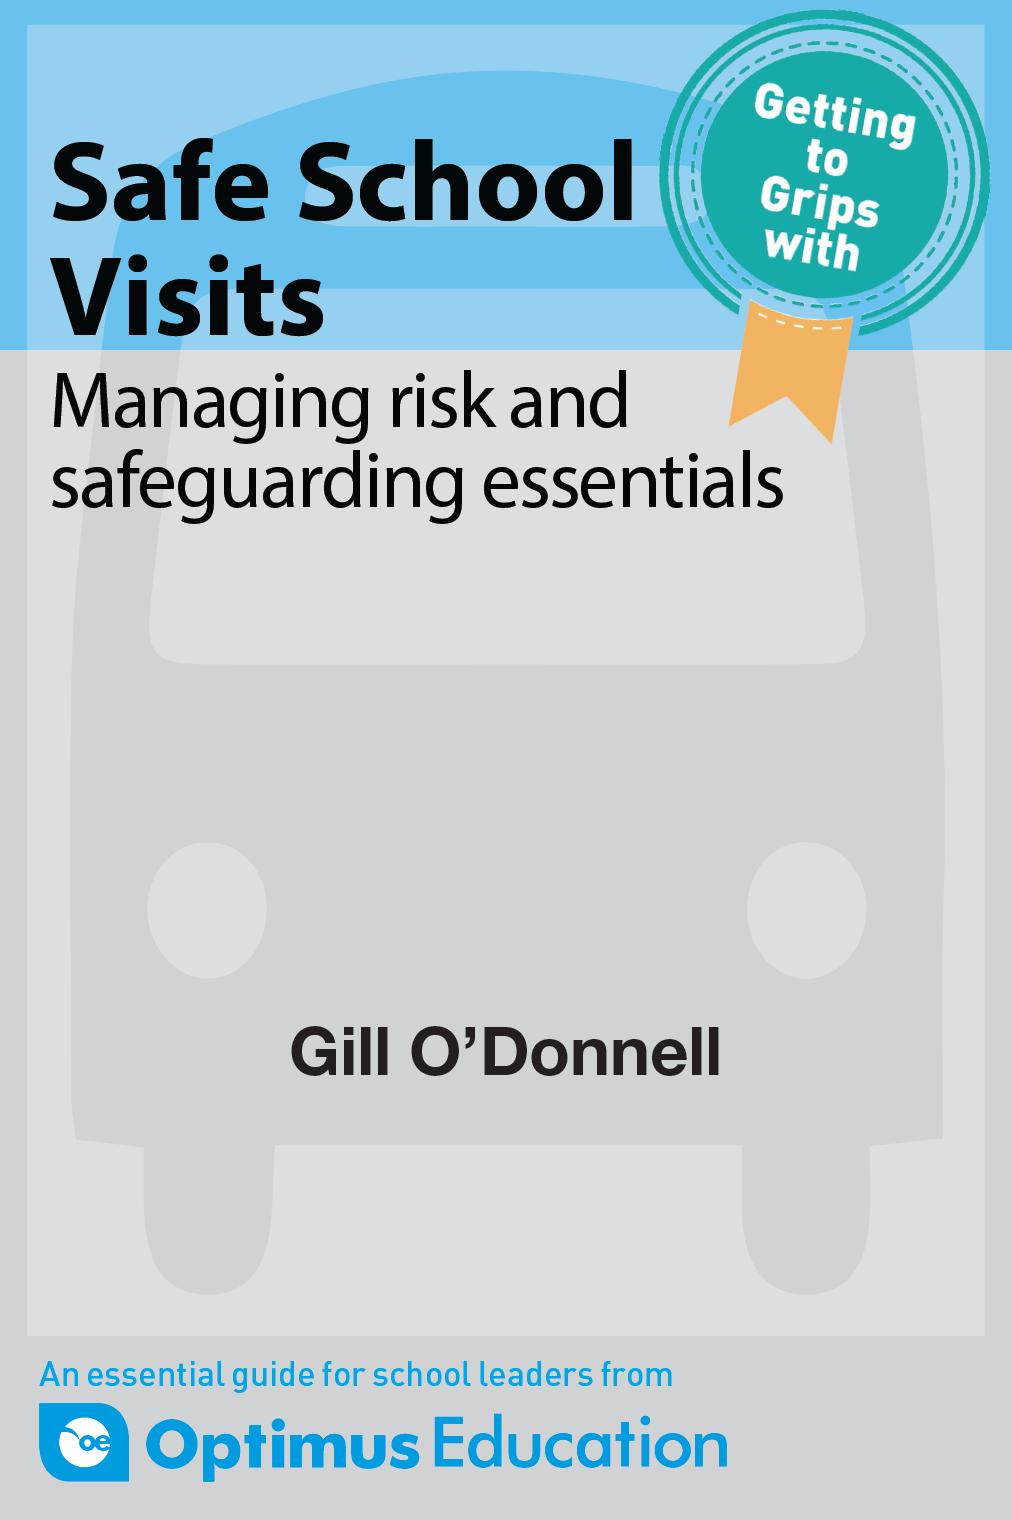 Safe School Visits: Managing risk and safeguarding essentials